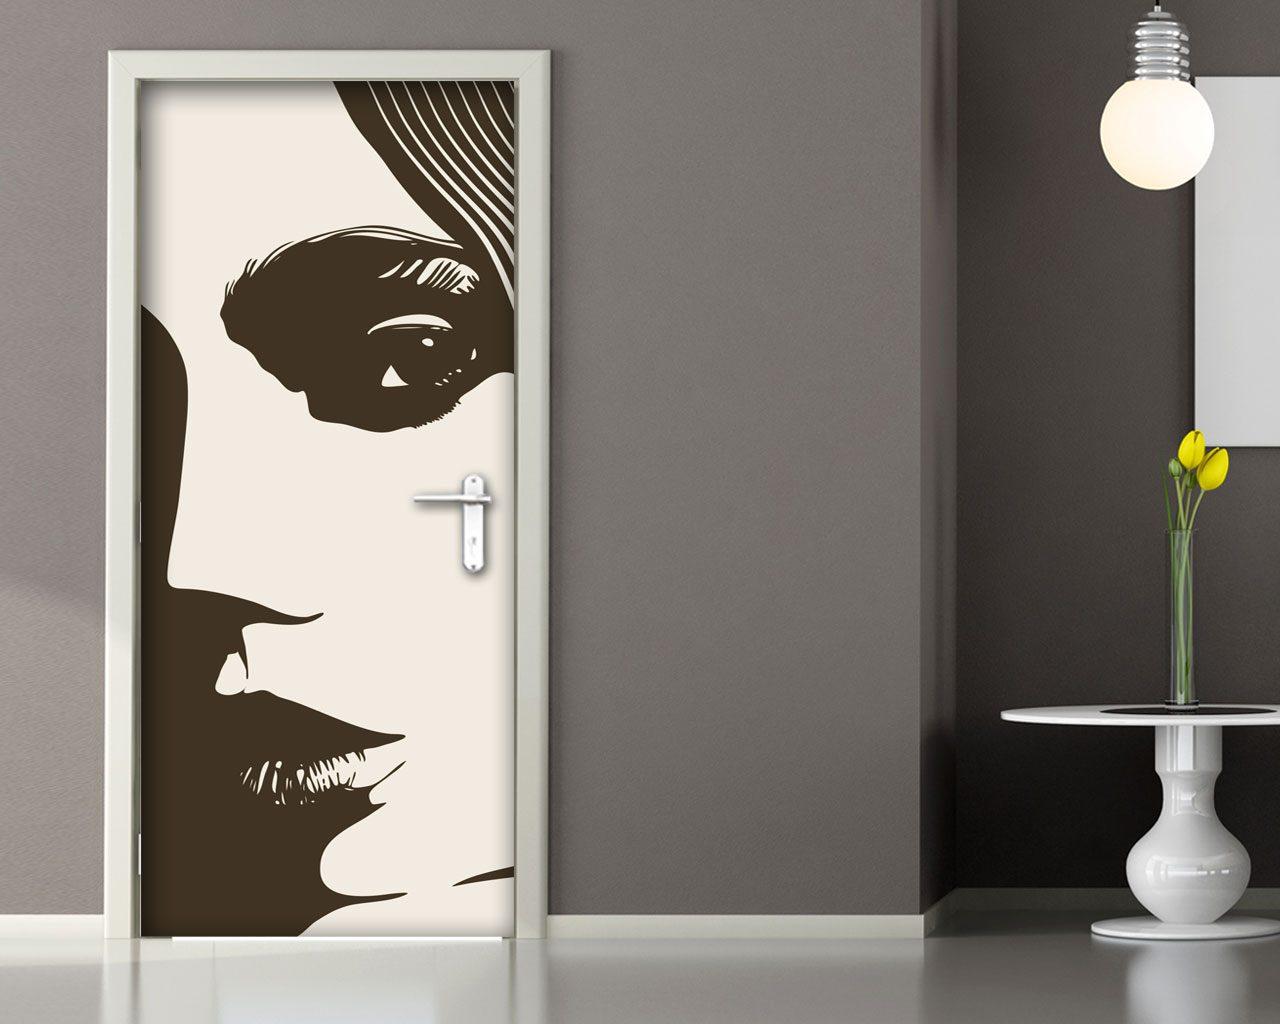 Sensuale bellezza arte adesivo per porte - Porte decorate adesivi ...